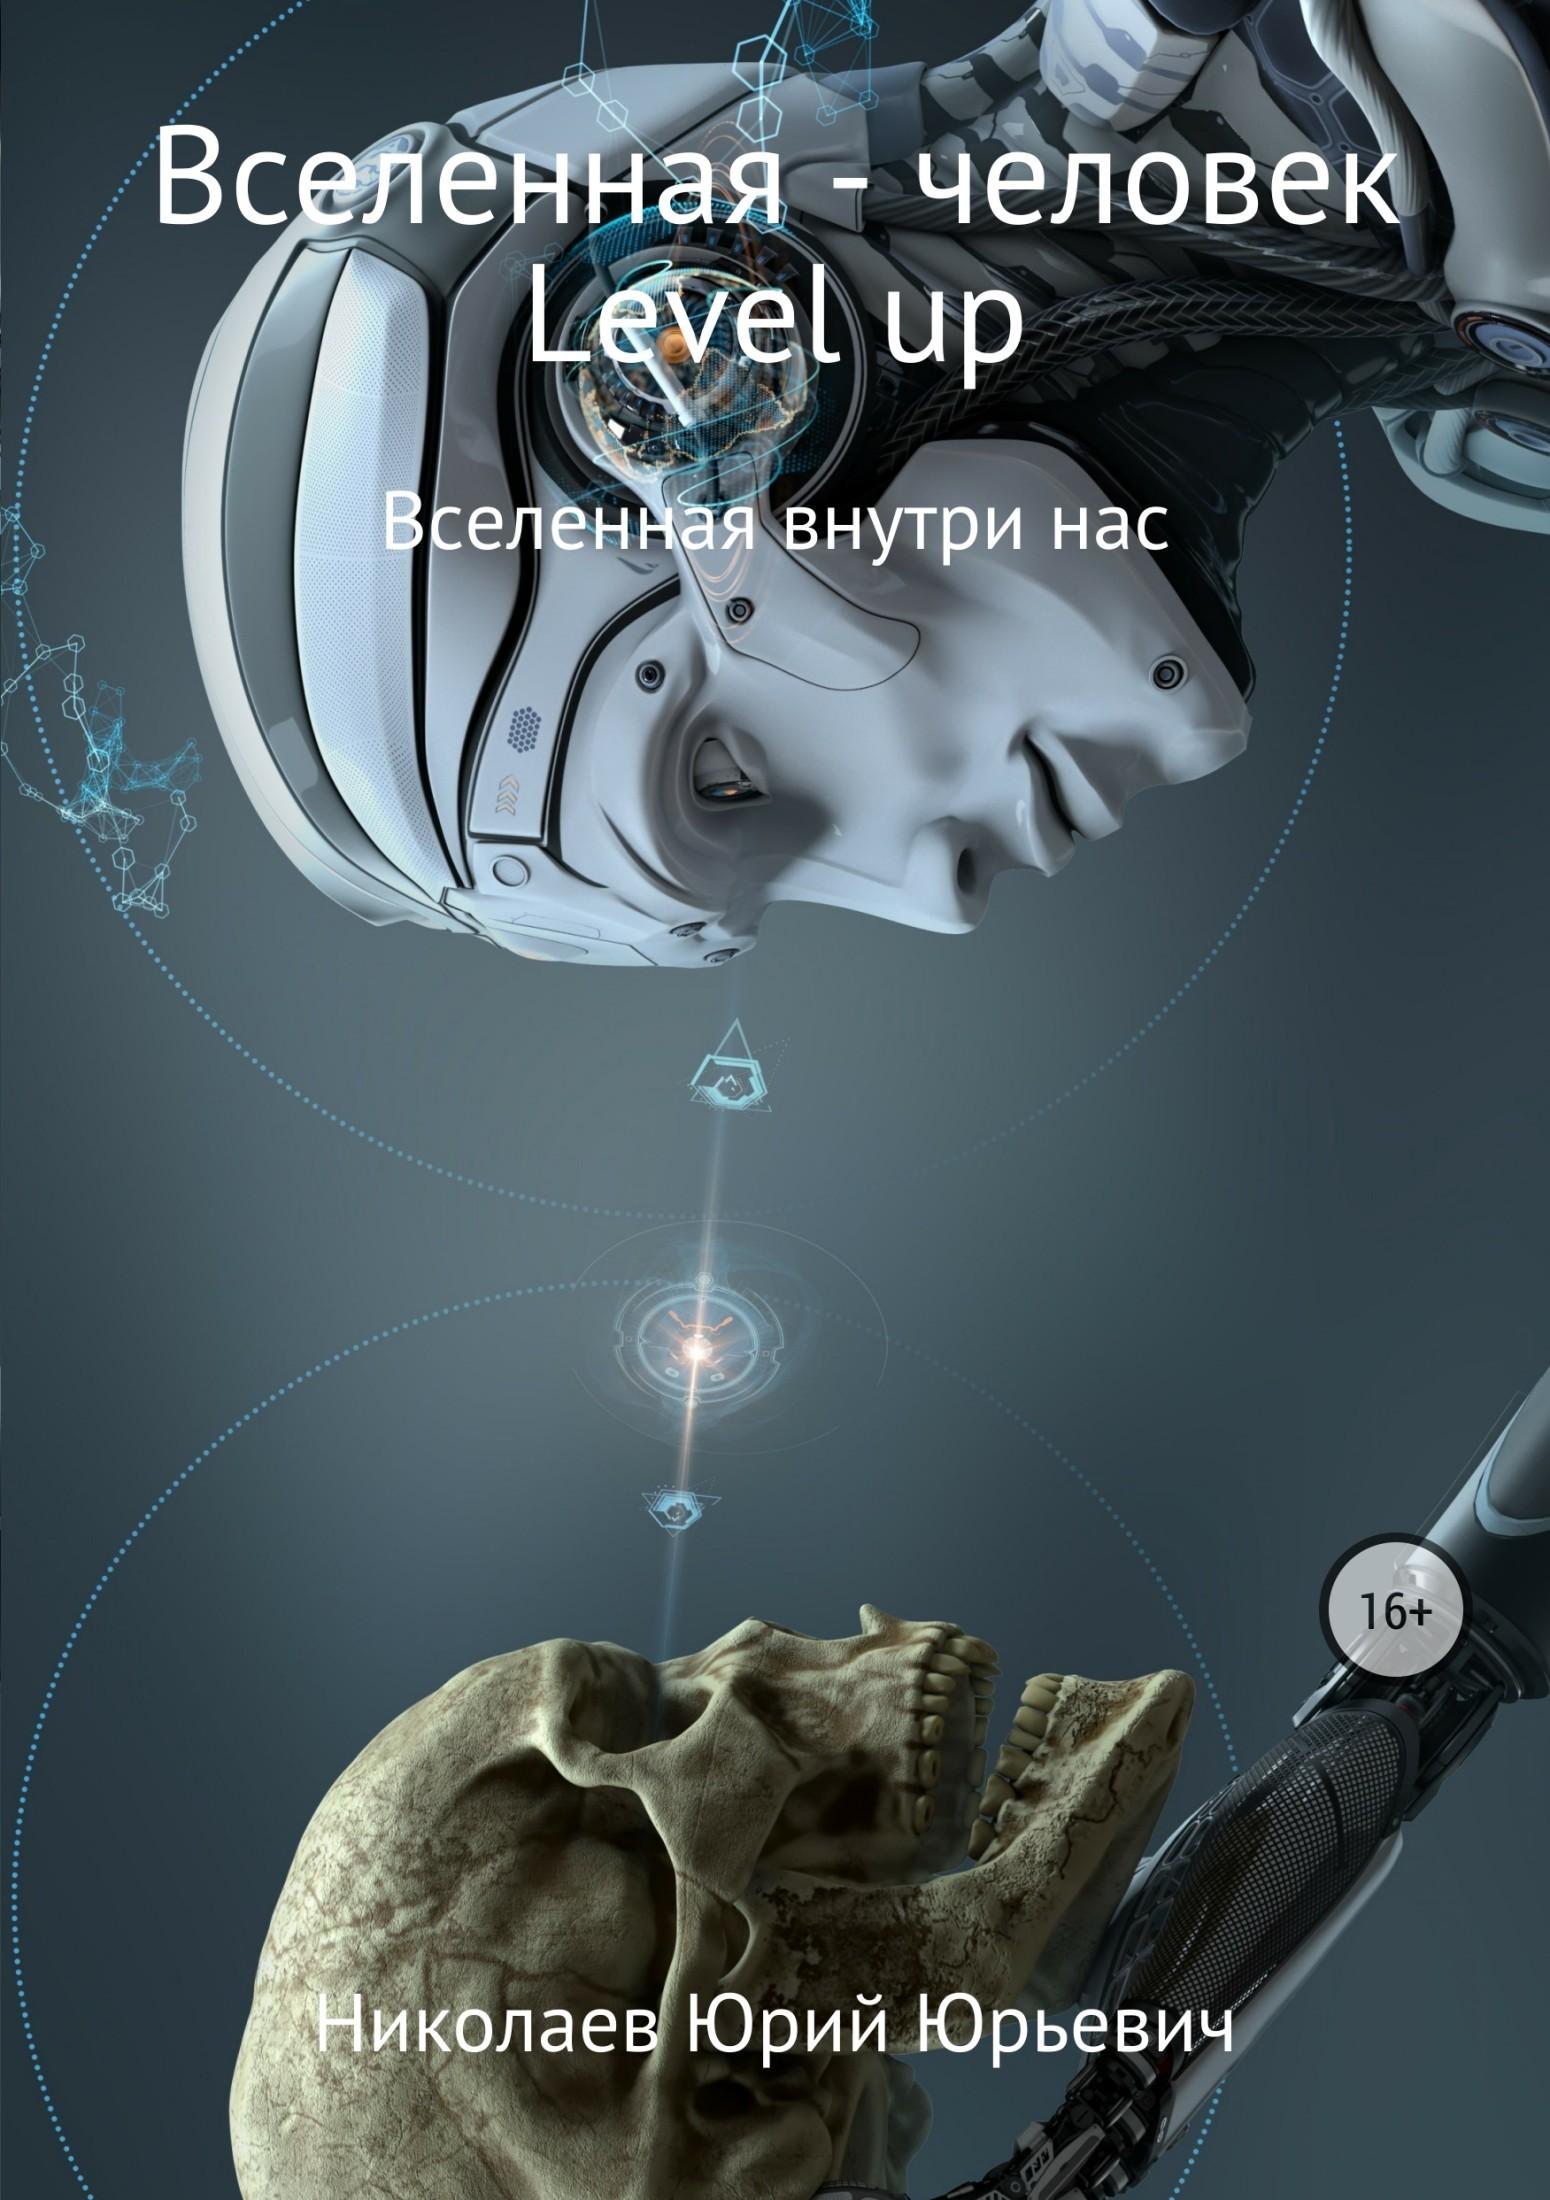 Вселенная – человек level up